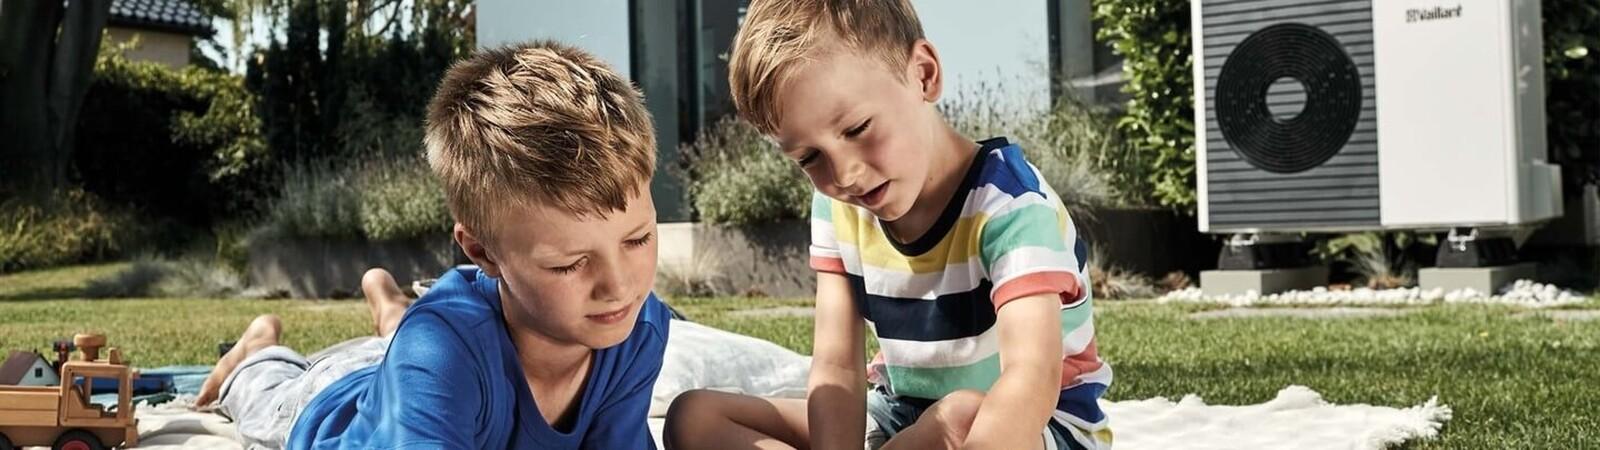 Foto van kinderen die spelen voor een aroTHERM split lucht/water-warmtepomp